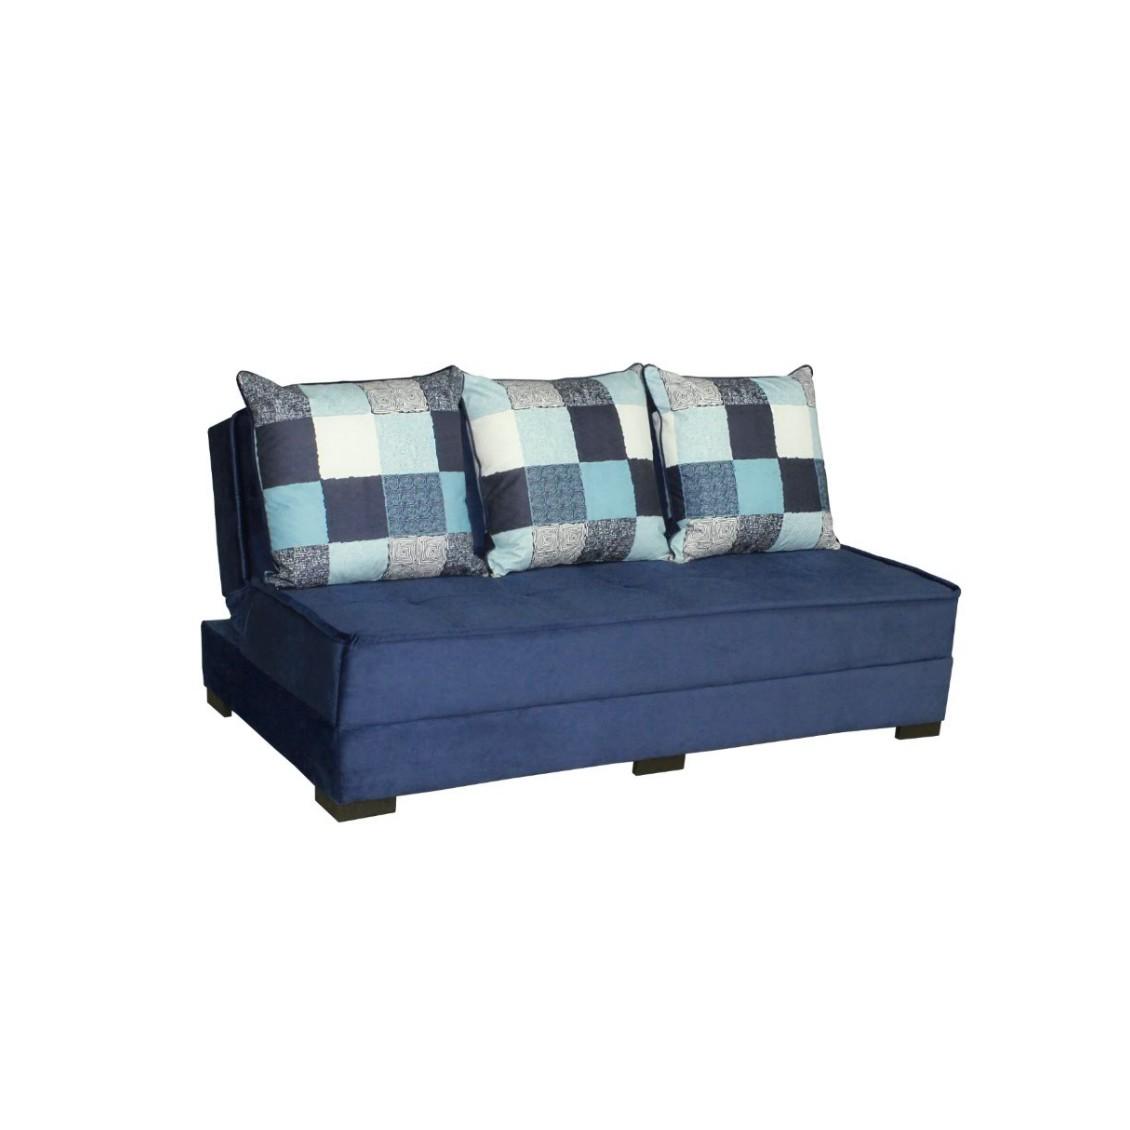 Sofa Cama 3 Lugares Beach Suede com Almofadas Removiveis - Azul Esuro - Estofart